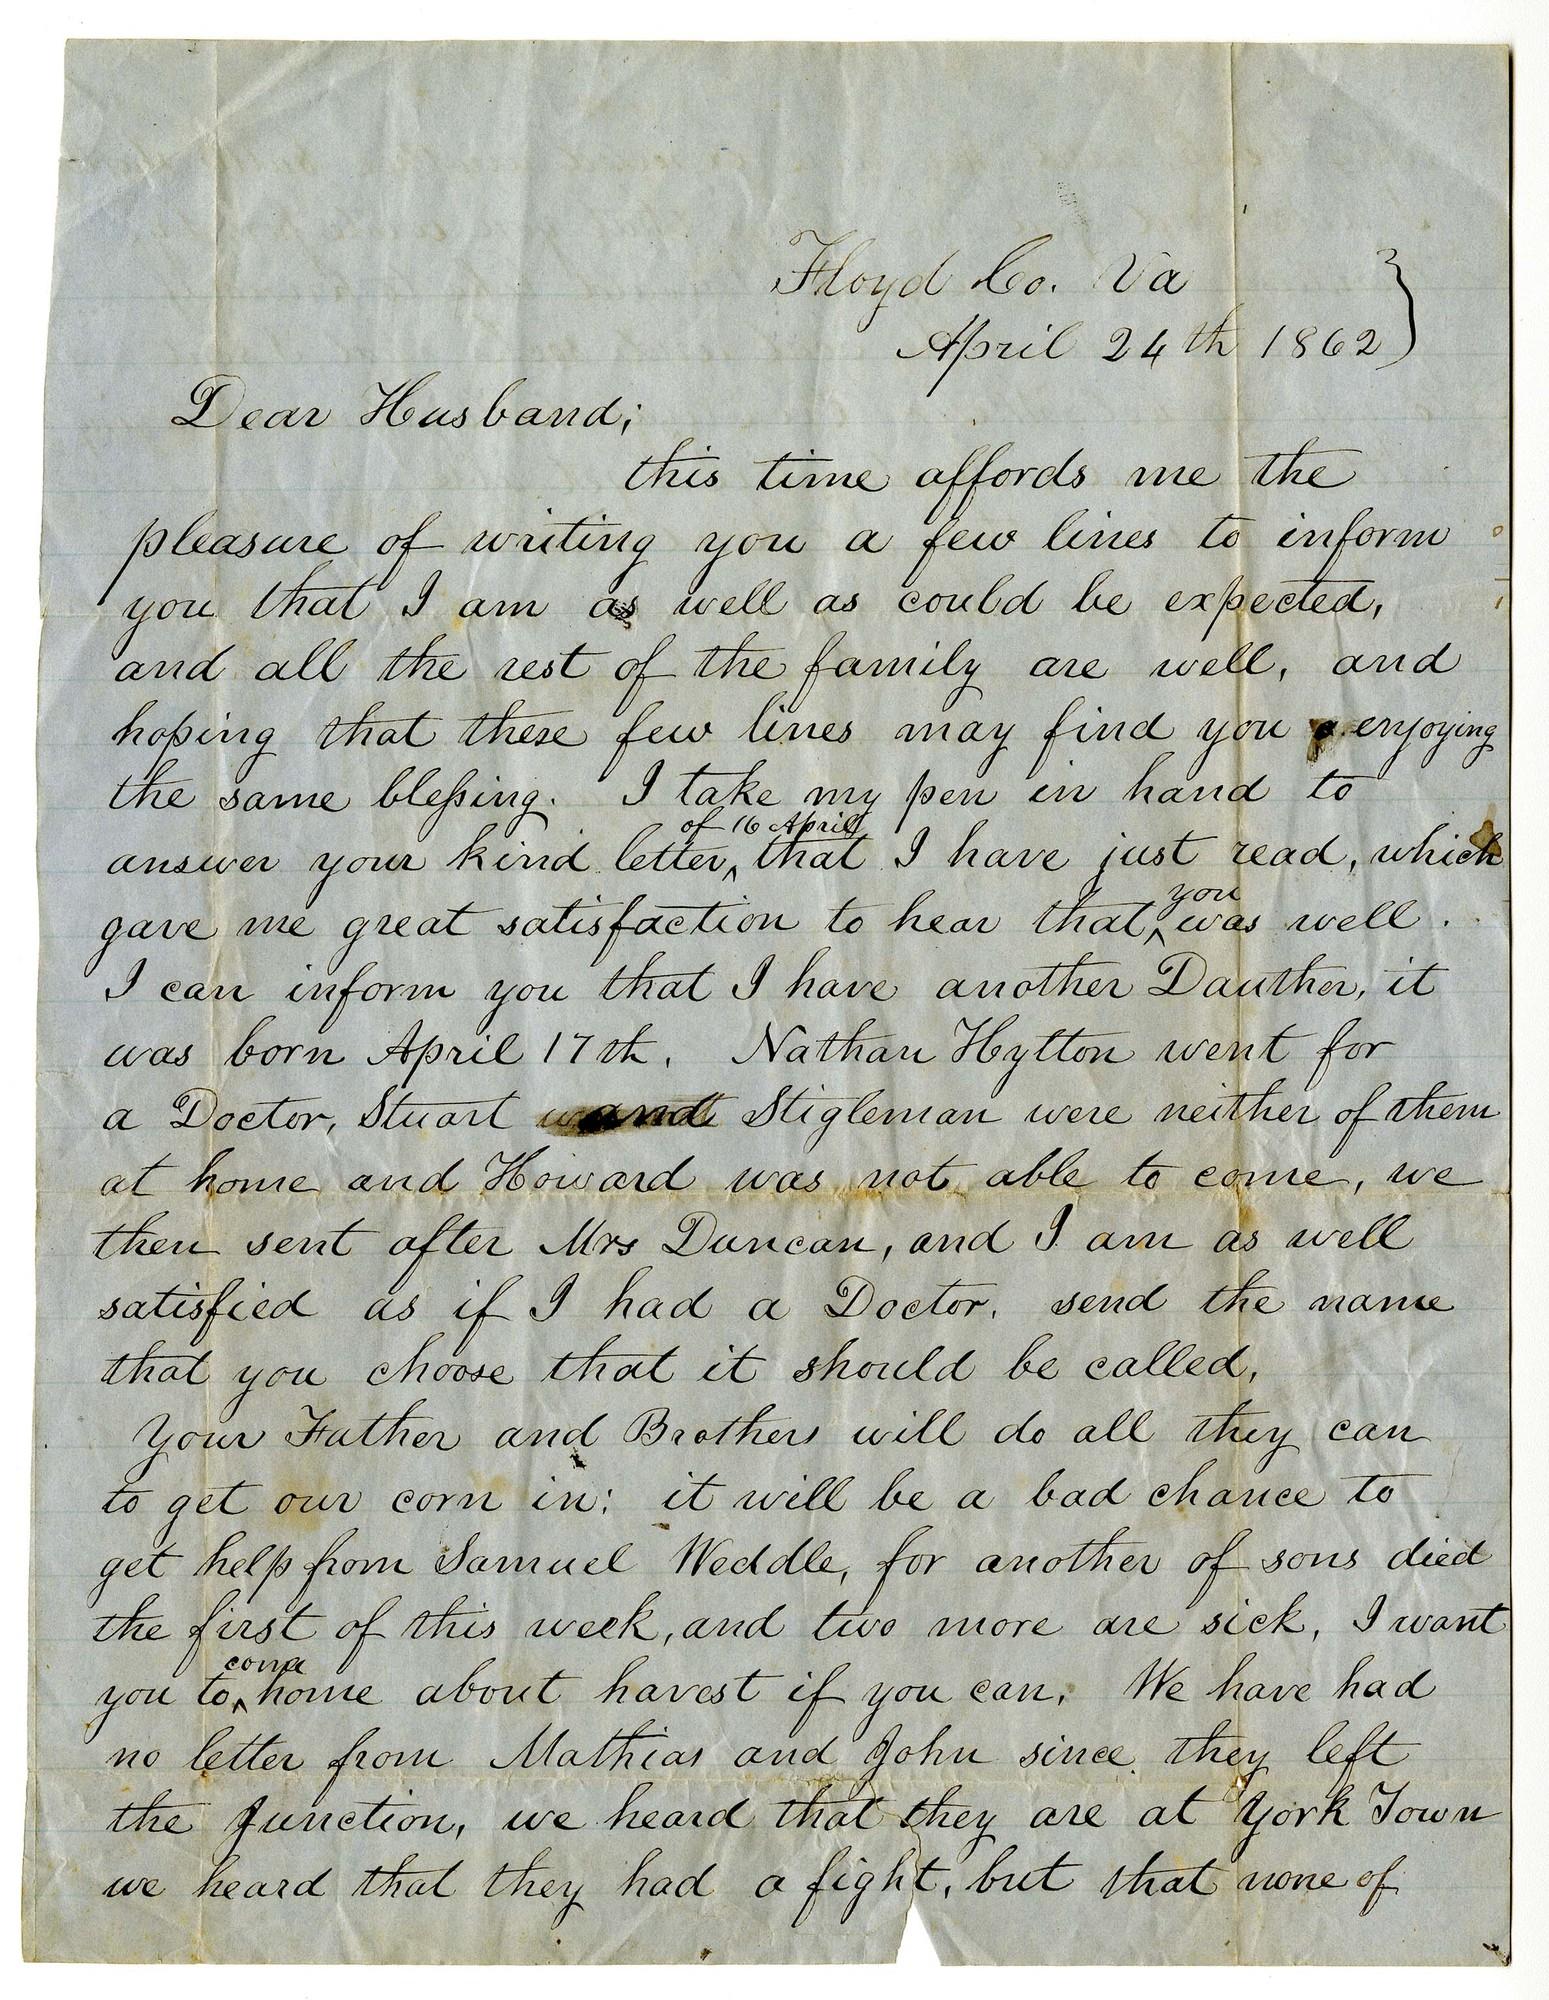 Ms1998_001_HuffHylton_Letter_1862_0424a.jpg